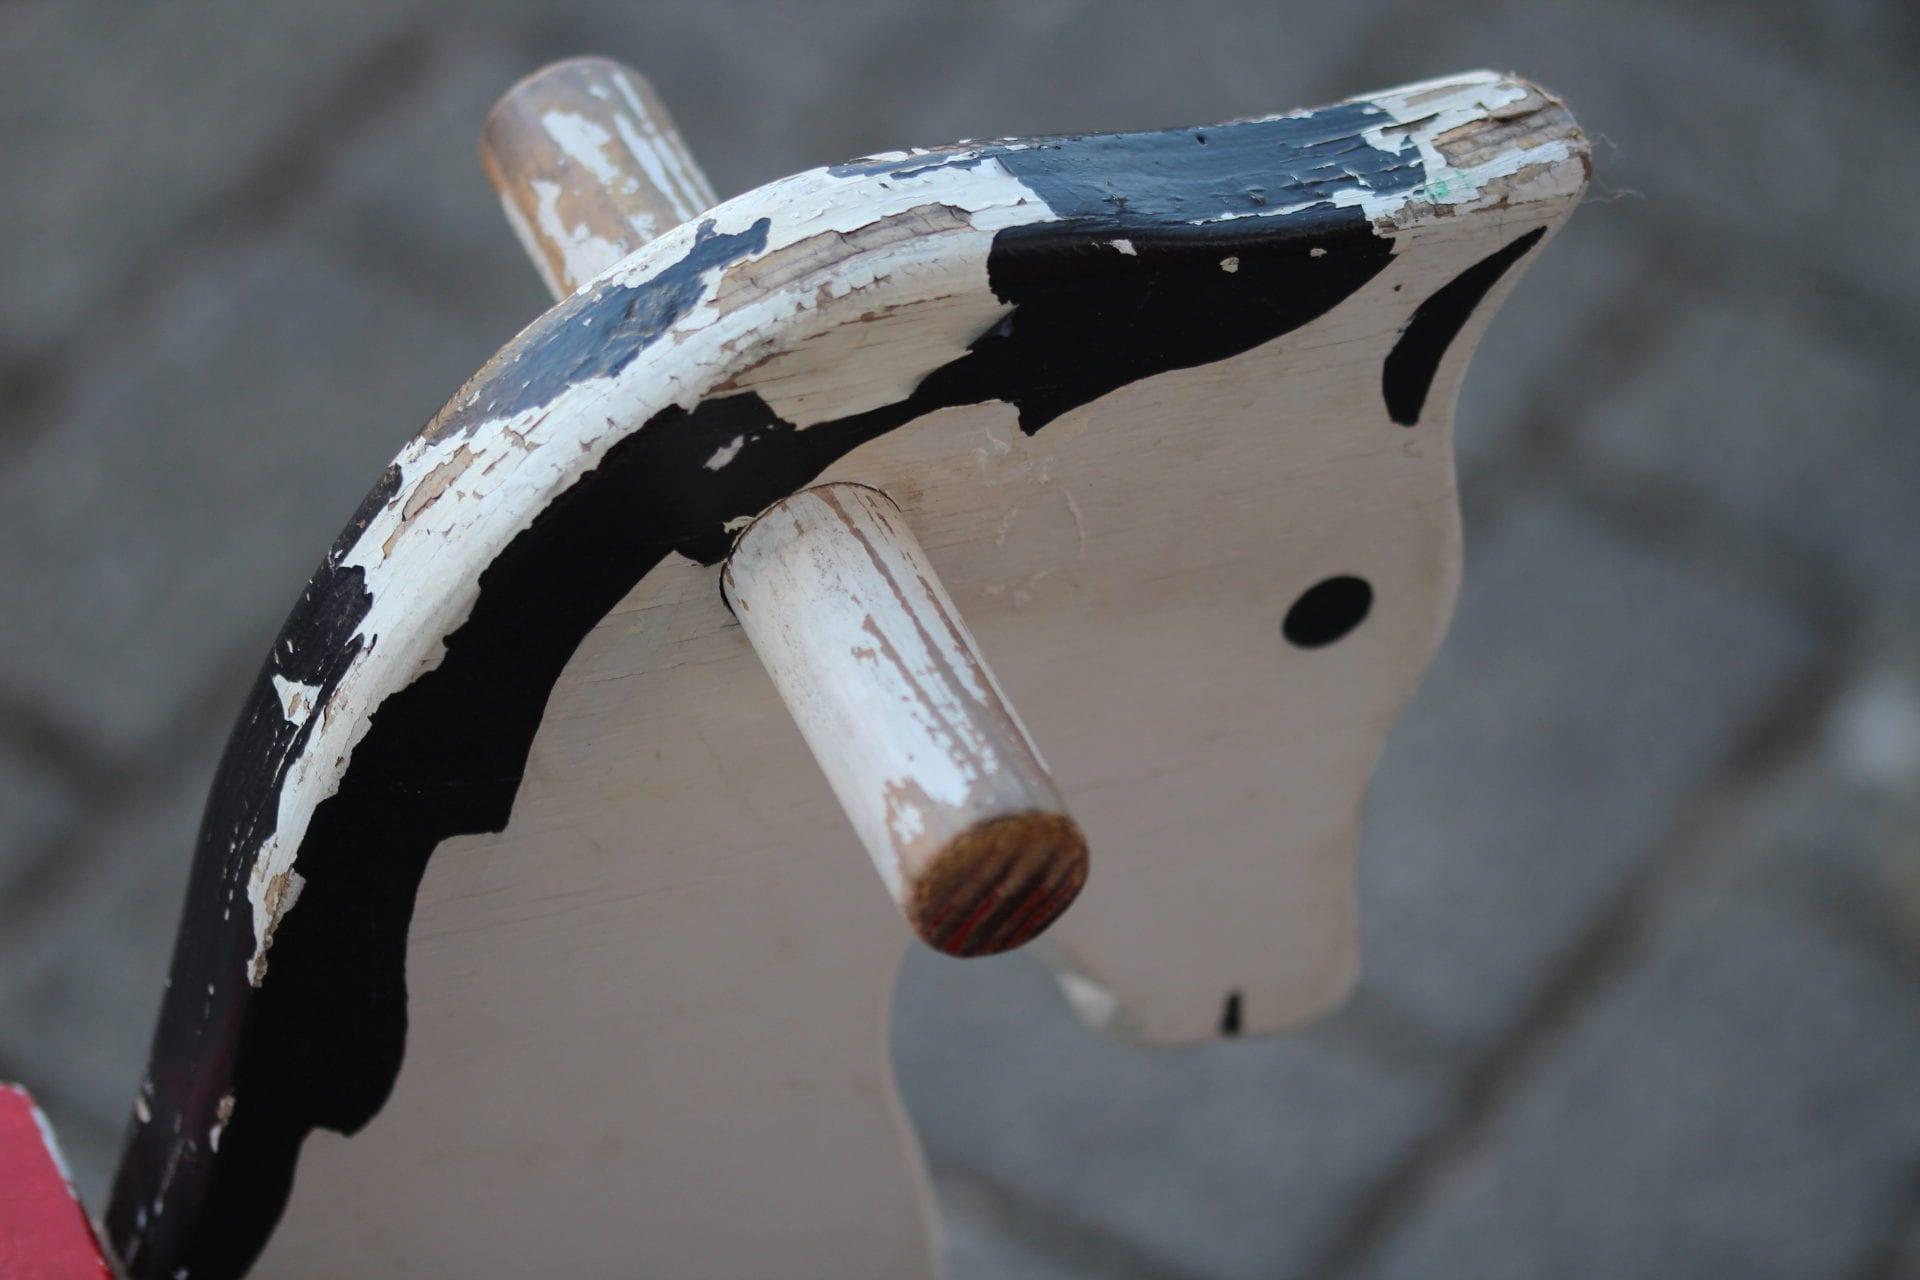 Antiquitäten Schätzen Lassen Heilbronn : Antiquitäten schätzen ludwigsburg antiquitätenankauf